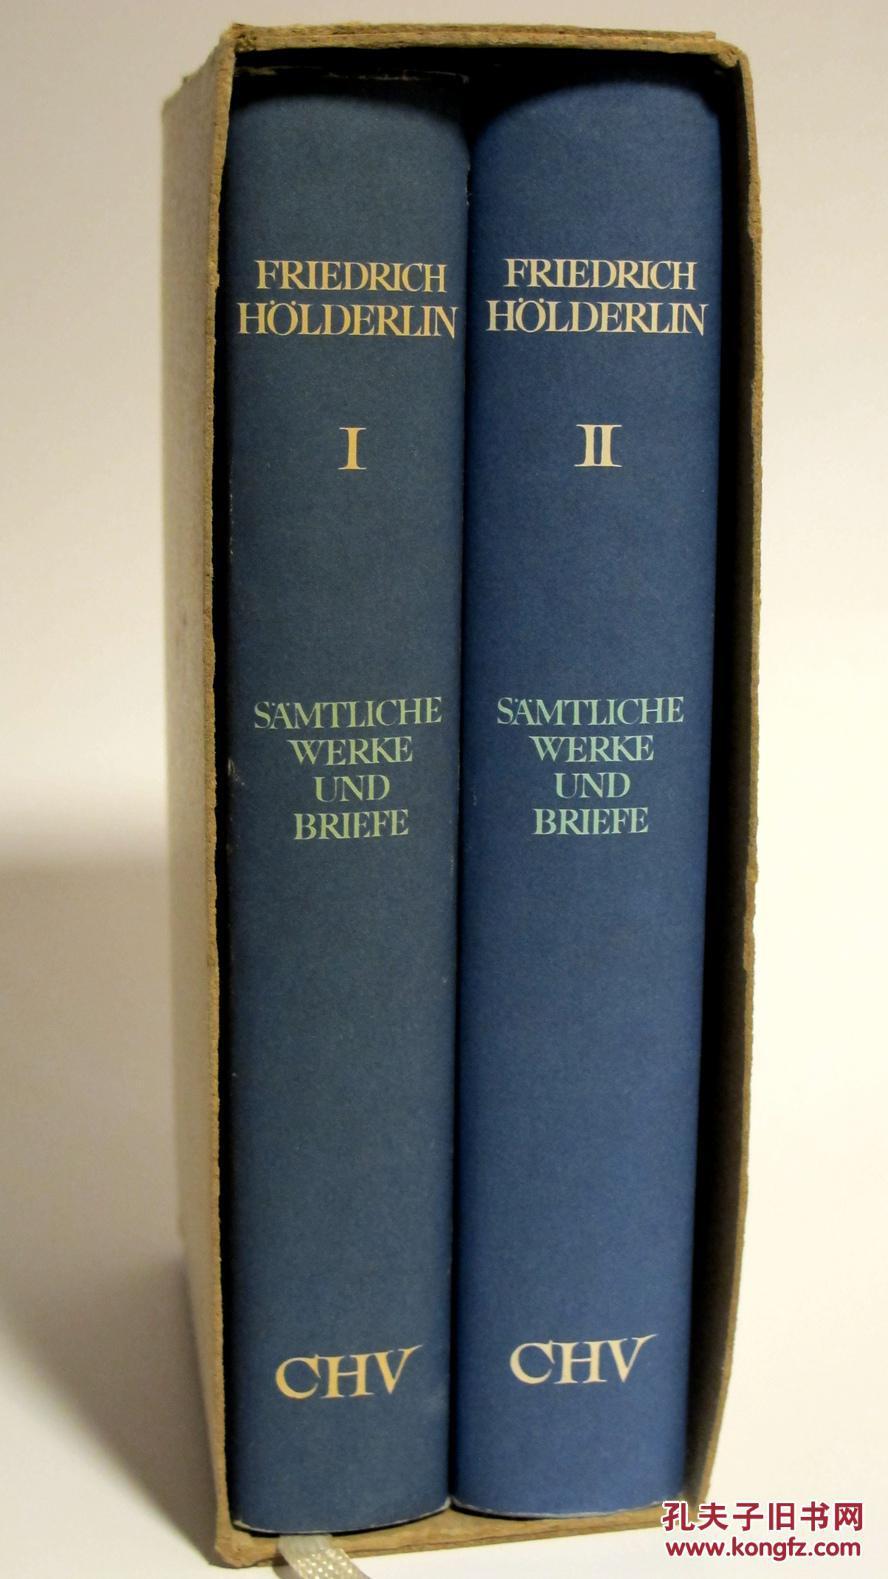 布面精装/皮制书脊书名/函套/圣经纸印刷《荷尔德林作品,书信全集 》图片